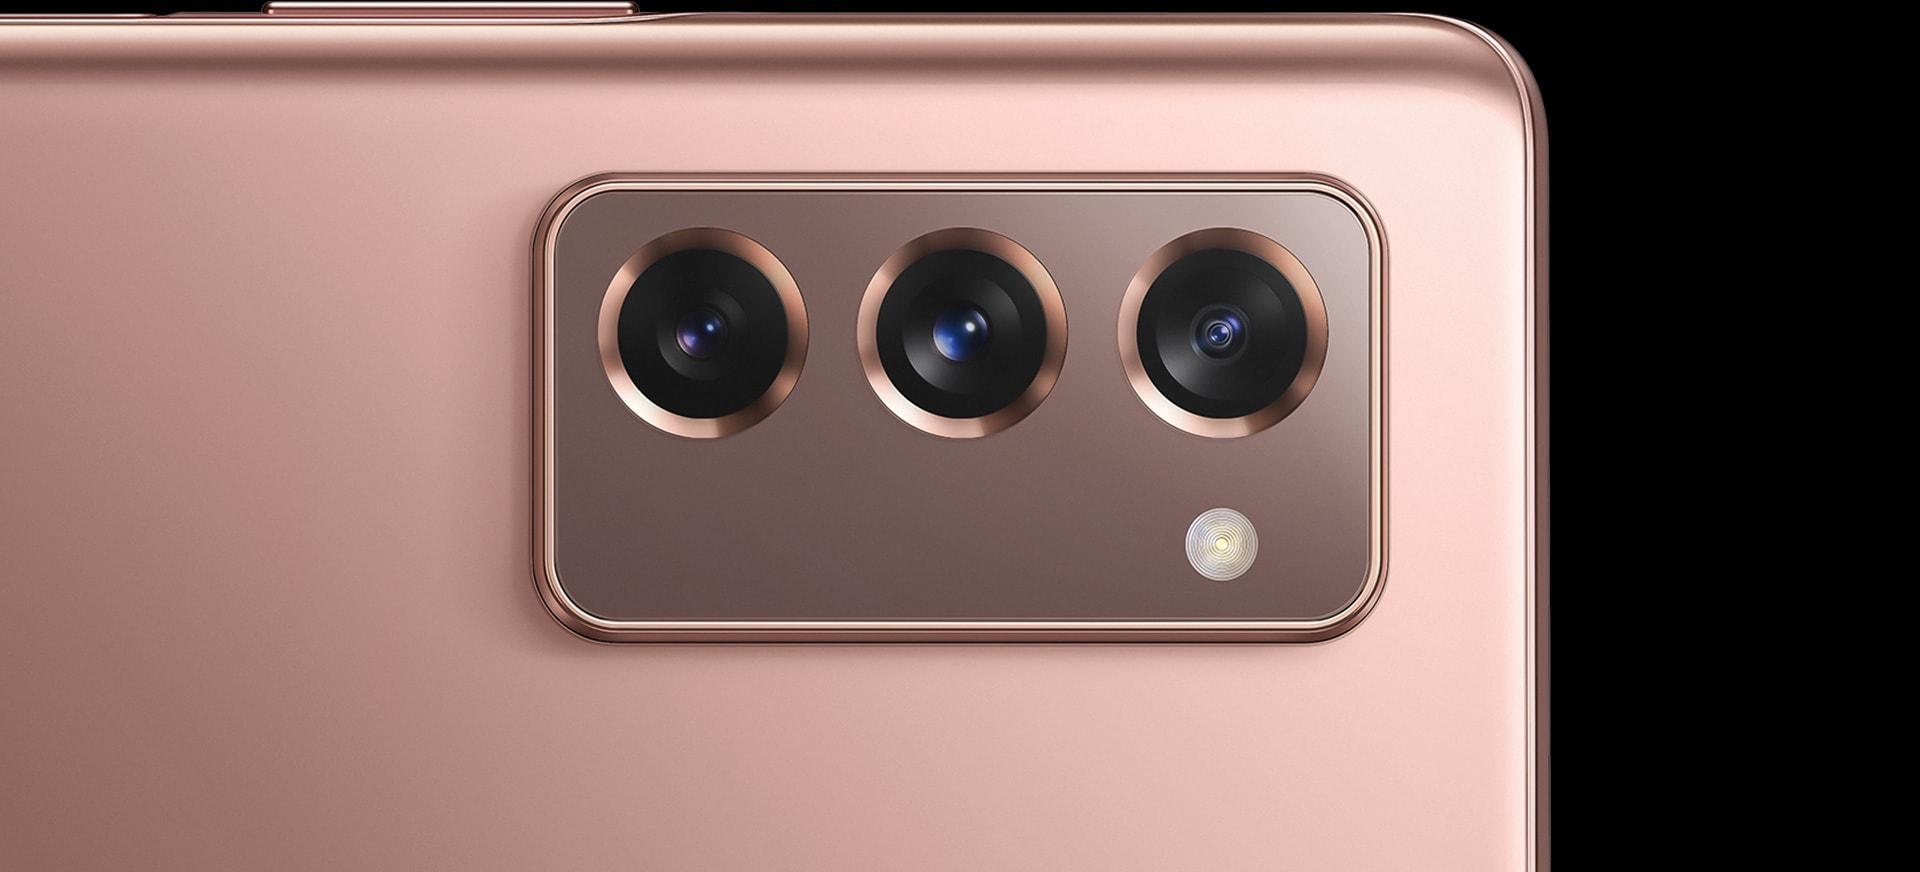 Samsung Galaxy Z Fold 2 Rear Triple-Camera